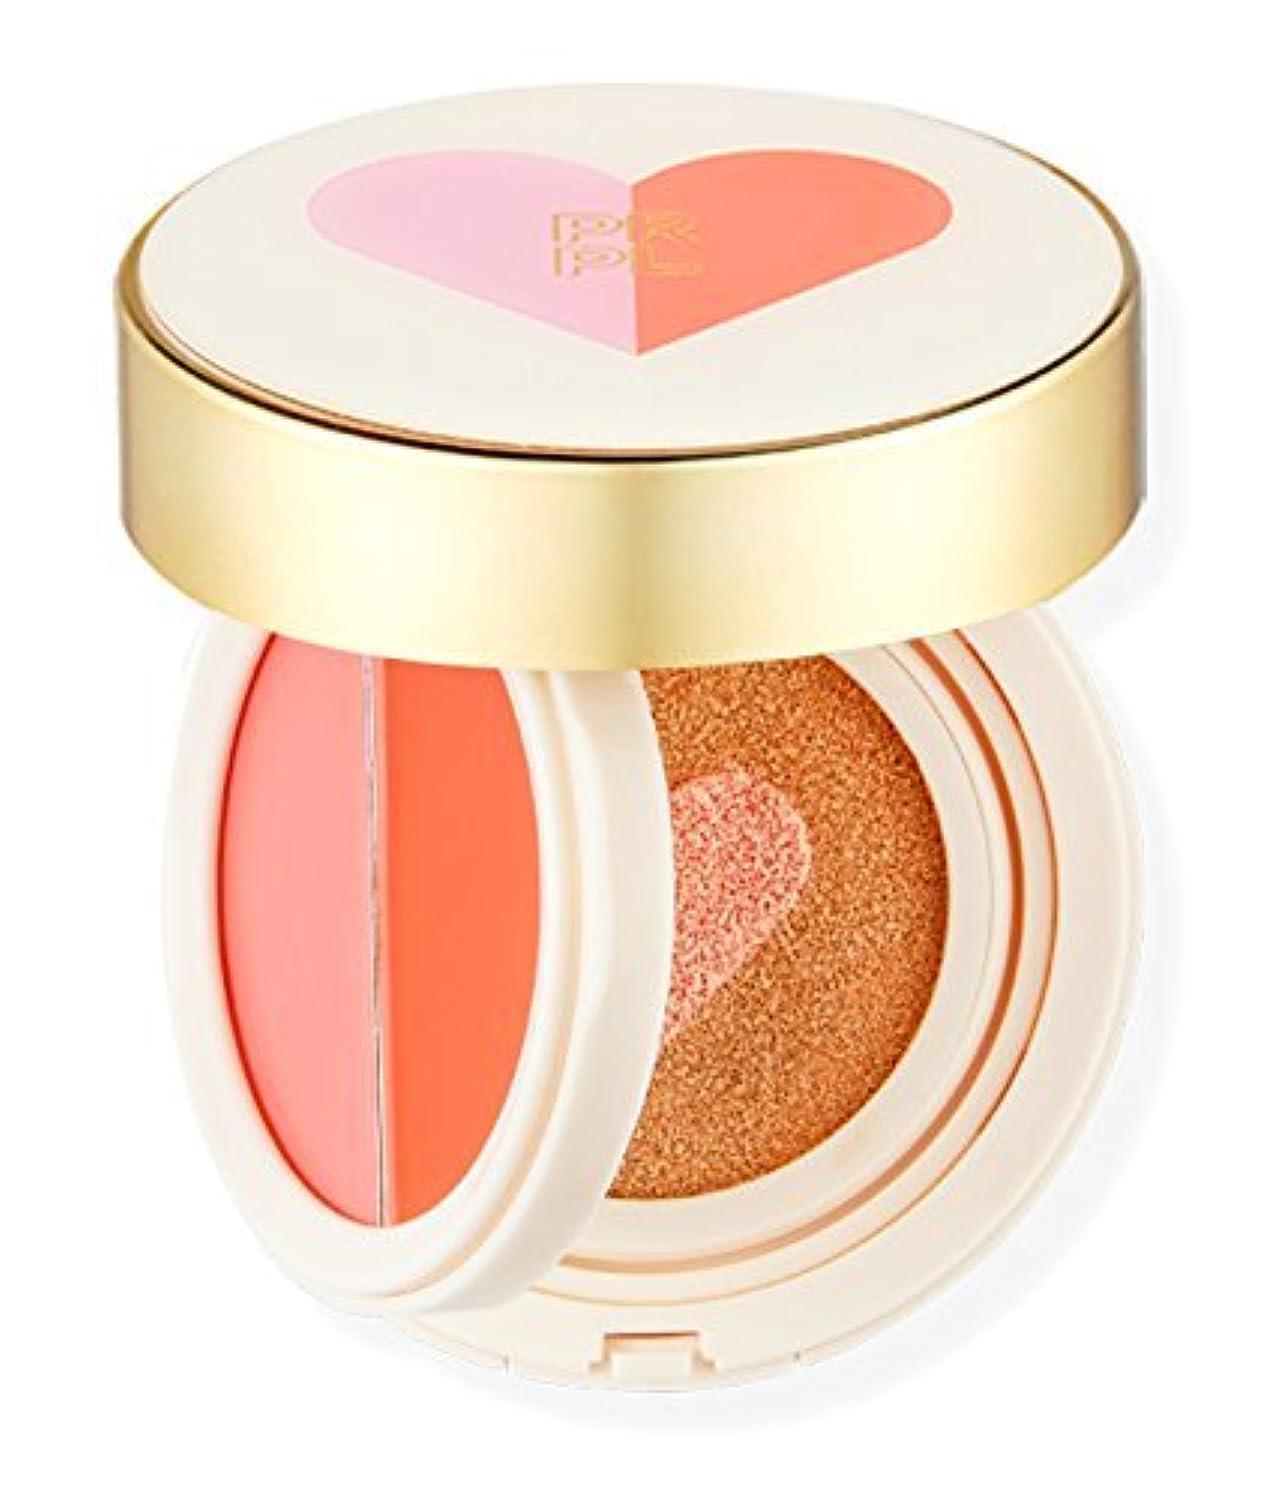 あいまい取るに足らないクレタPRPL 唇と頬の二重クッション (LIP&CHEEK[ピンク/オレンジ],ハートCUSHION SPF50+、PA+++) (#21 ピンク バニラ属)